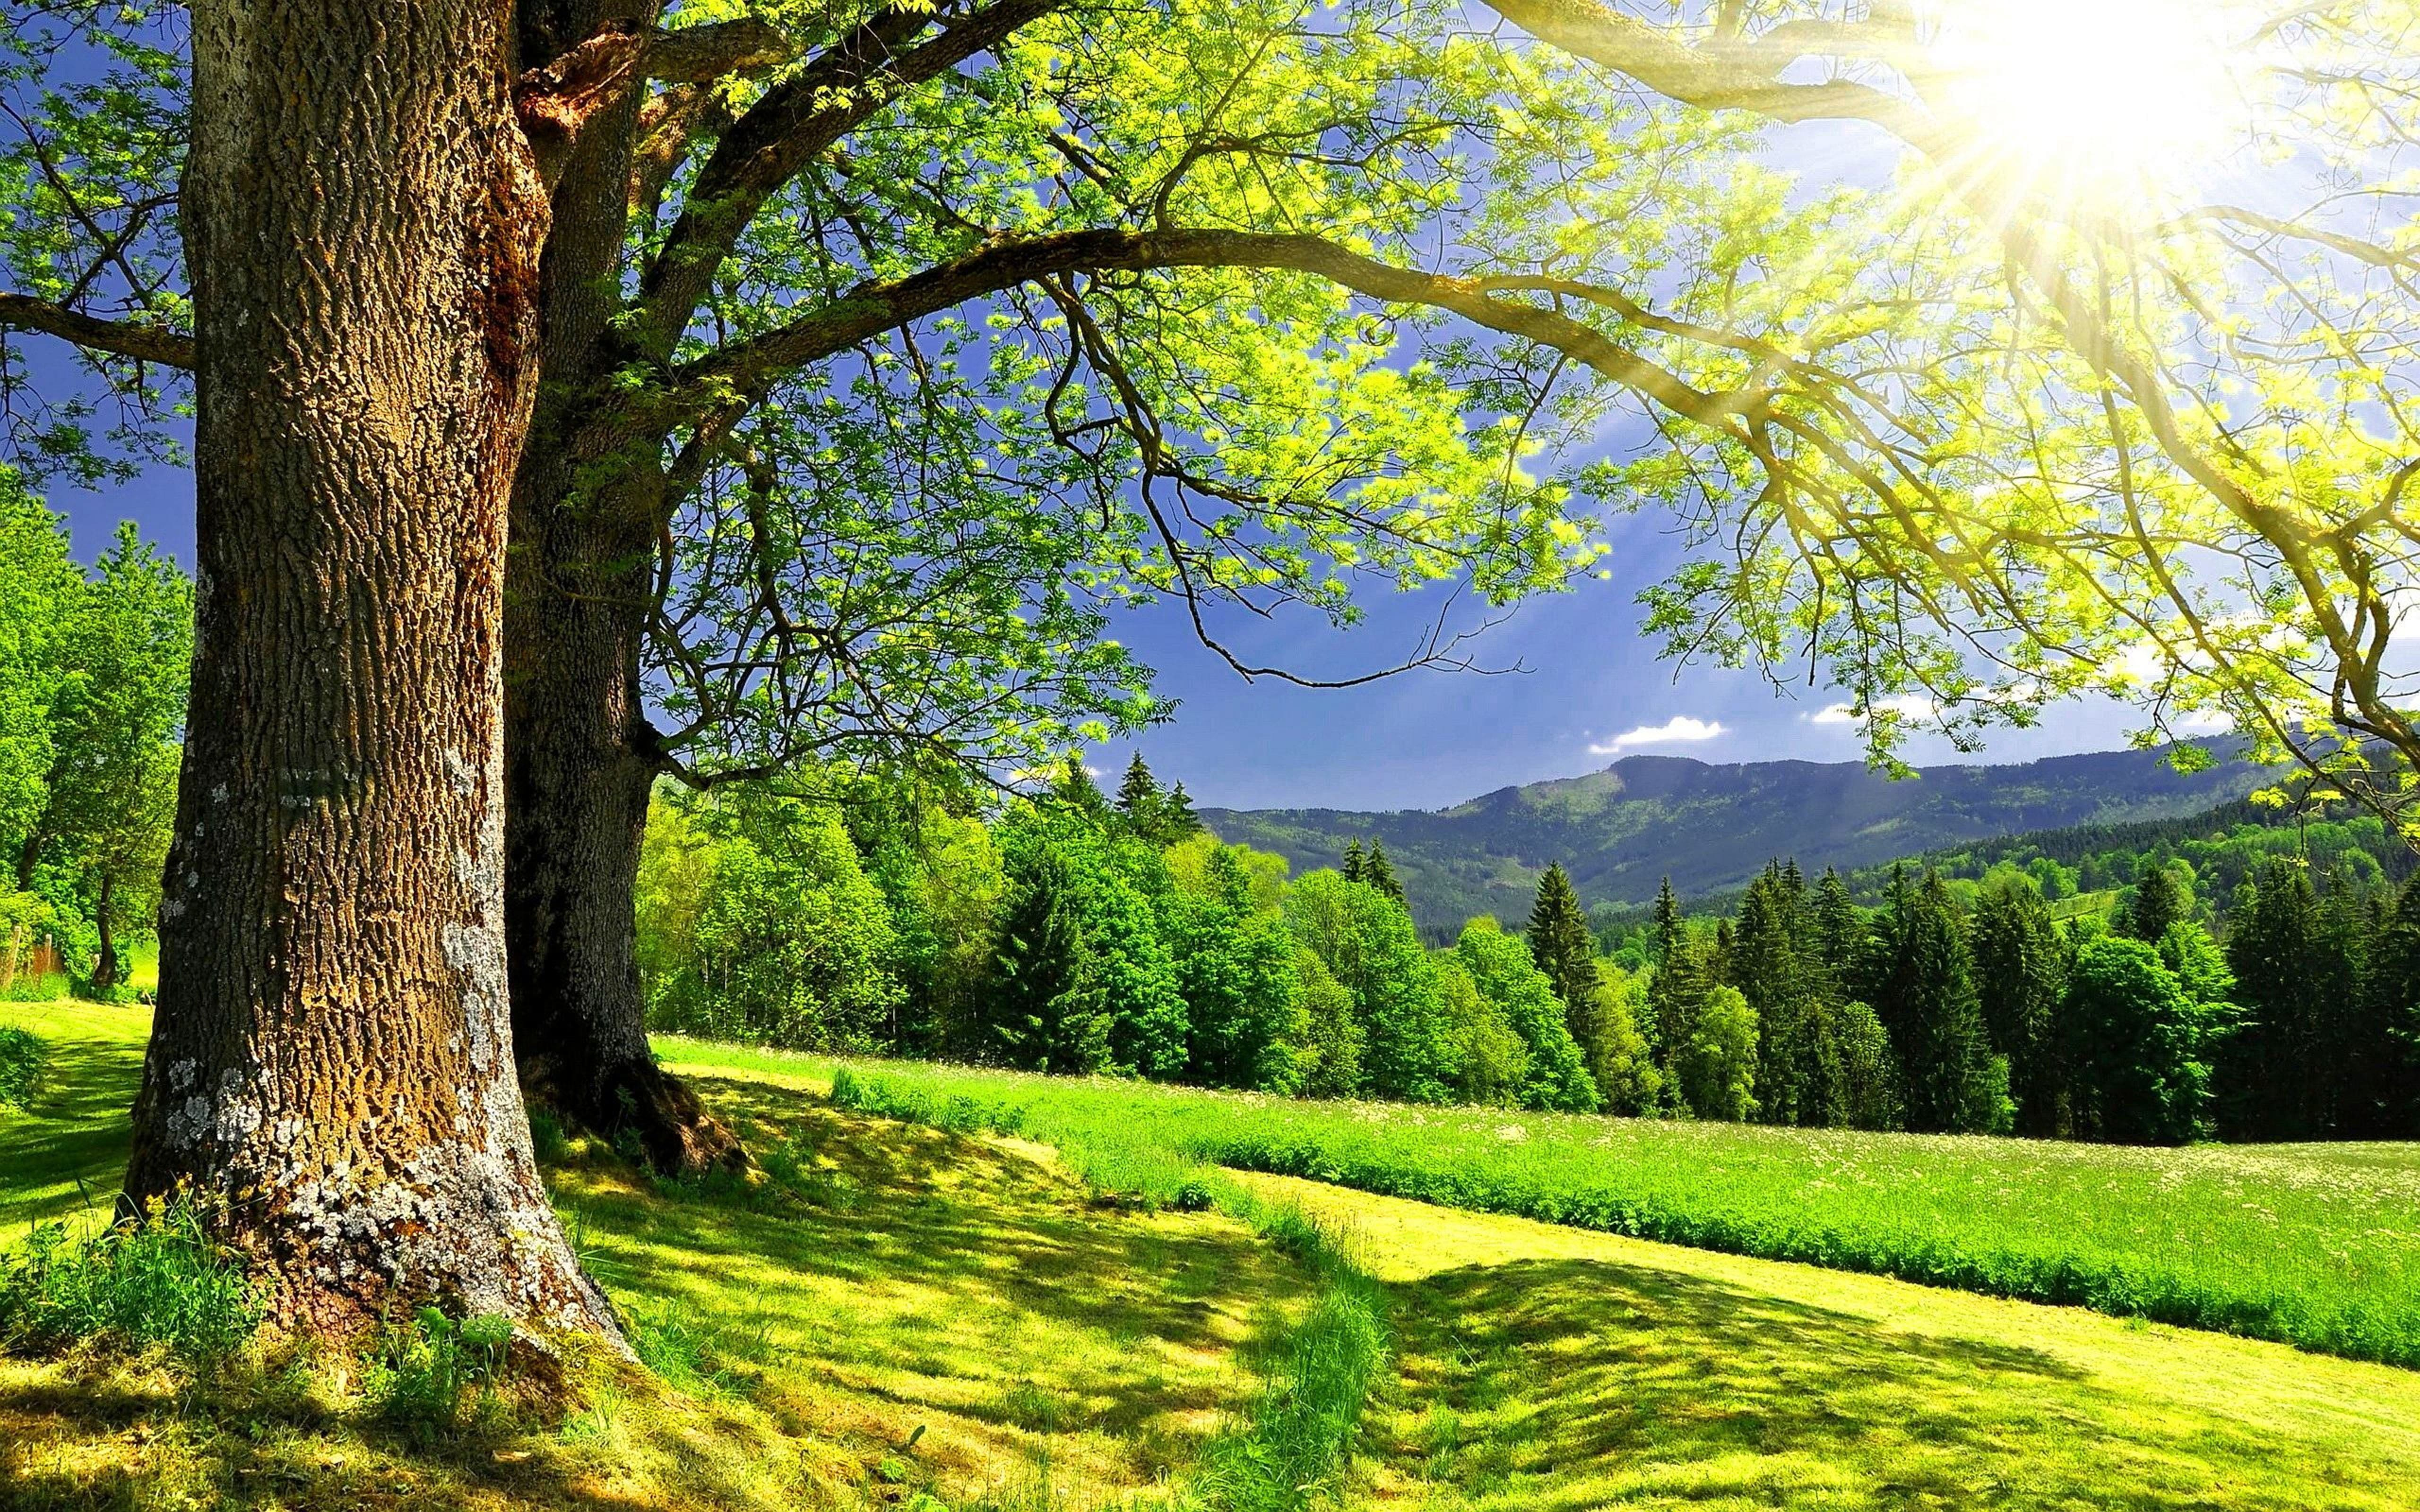 HDoboi.Kiev.ua - Зеленые деревья под солнцем, обои пейзажи лето, природа